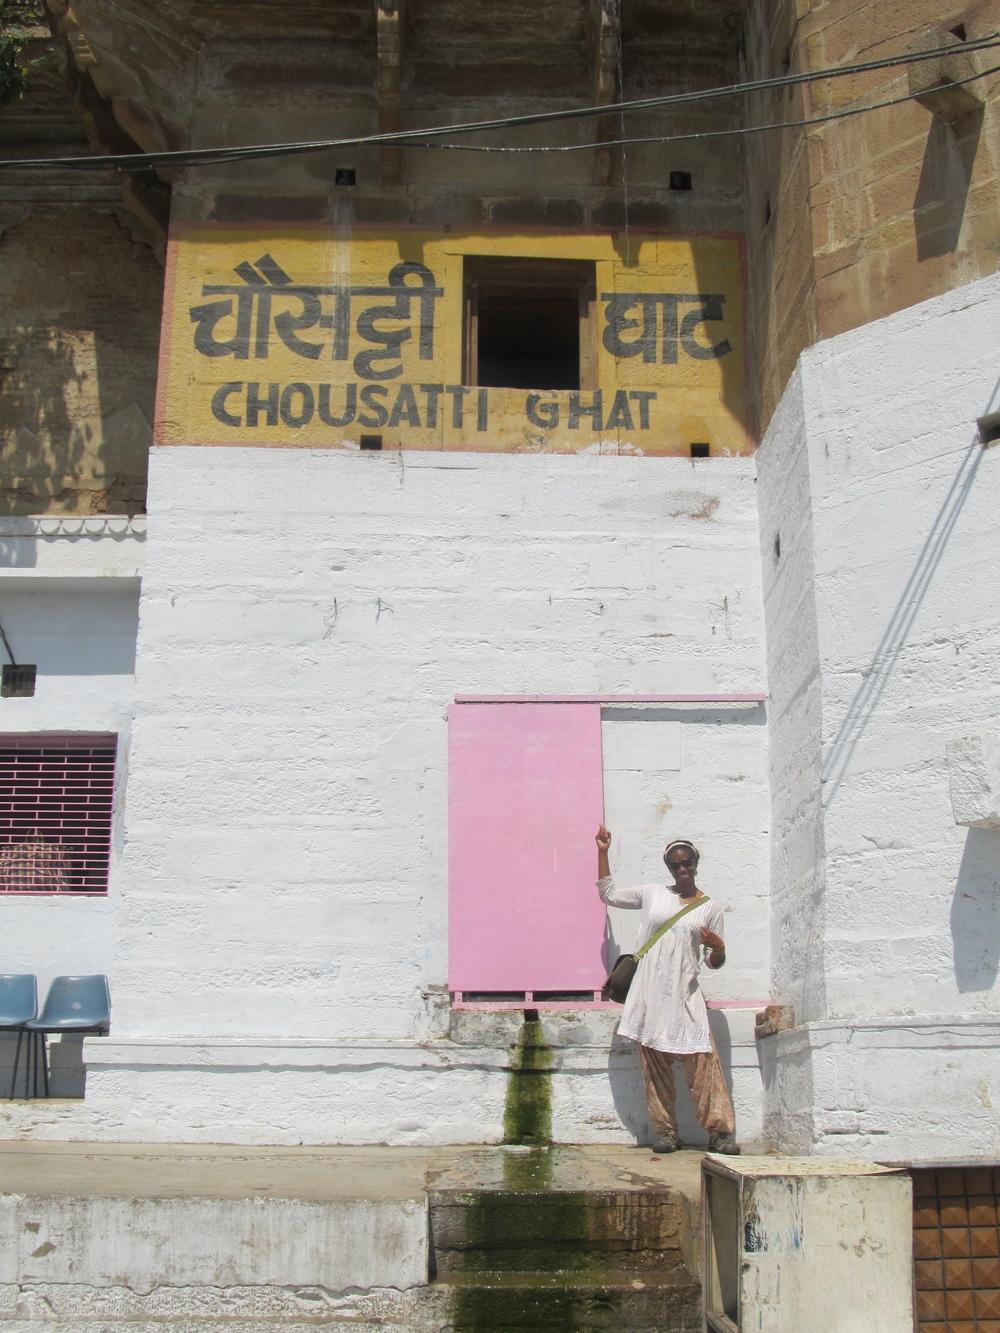 Me, Chotsani at Chousatti Ghat in Varanasi........